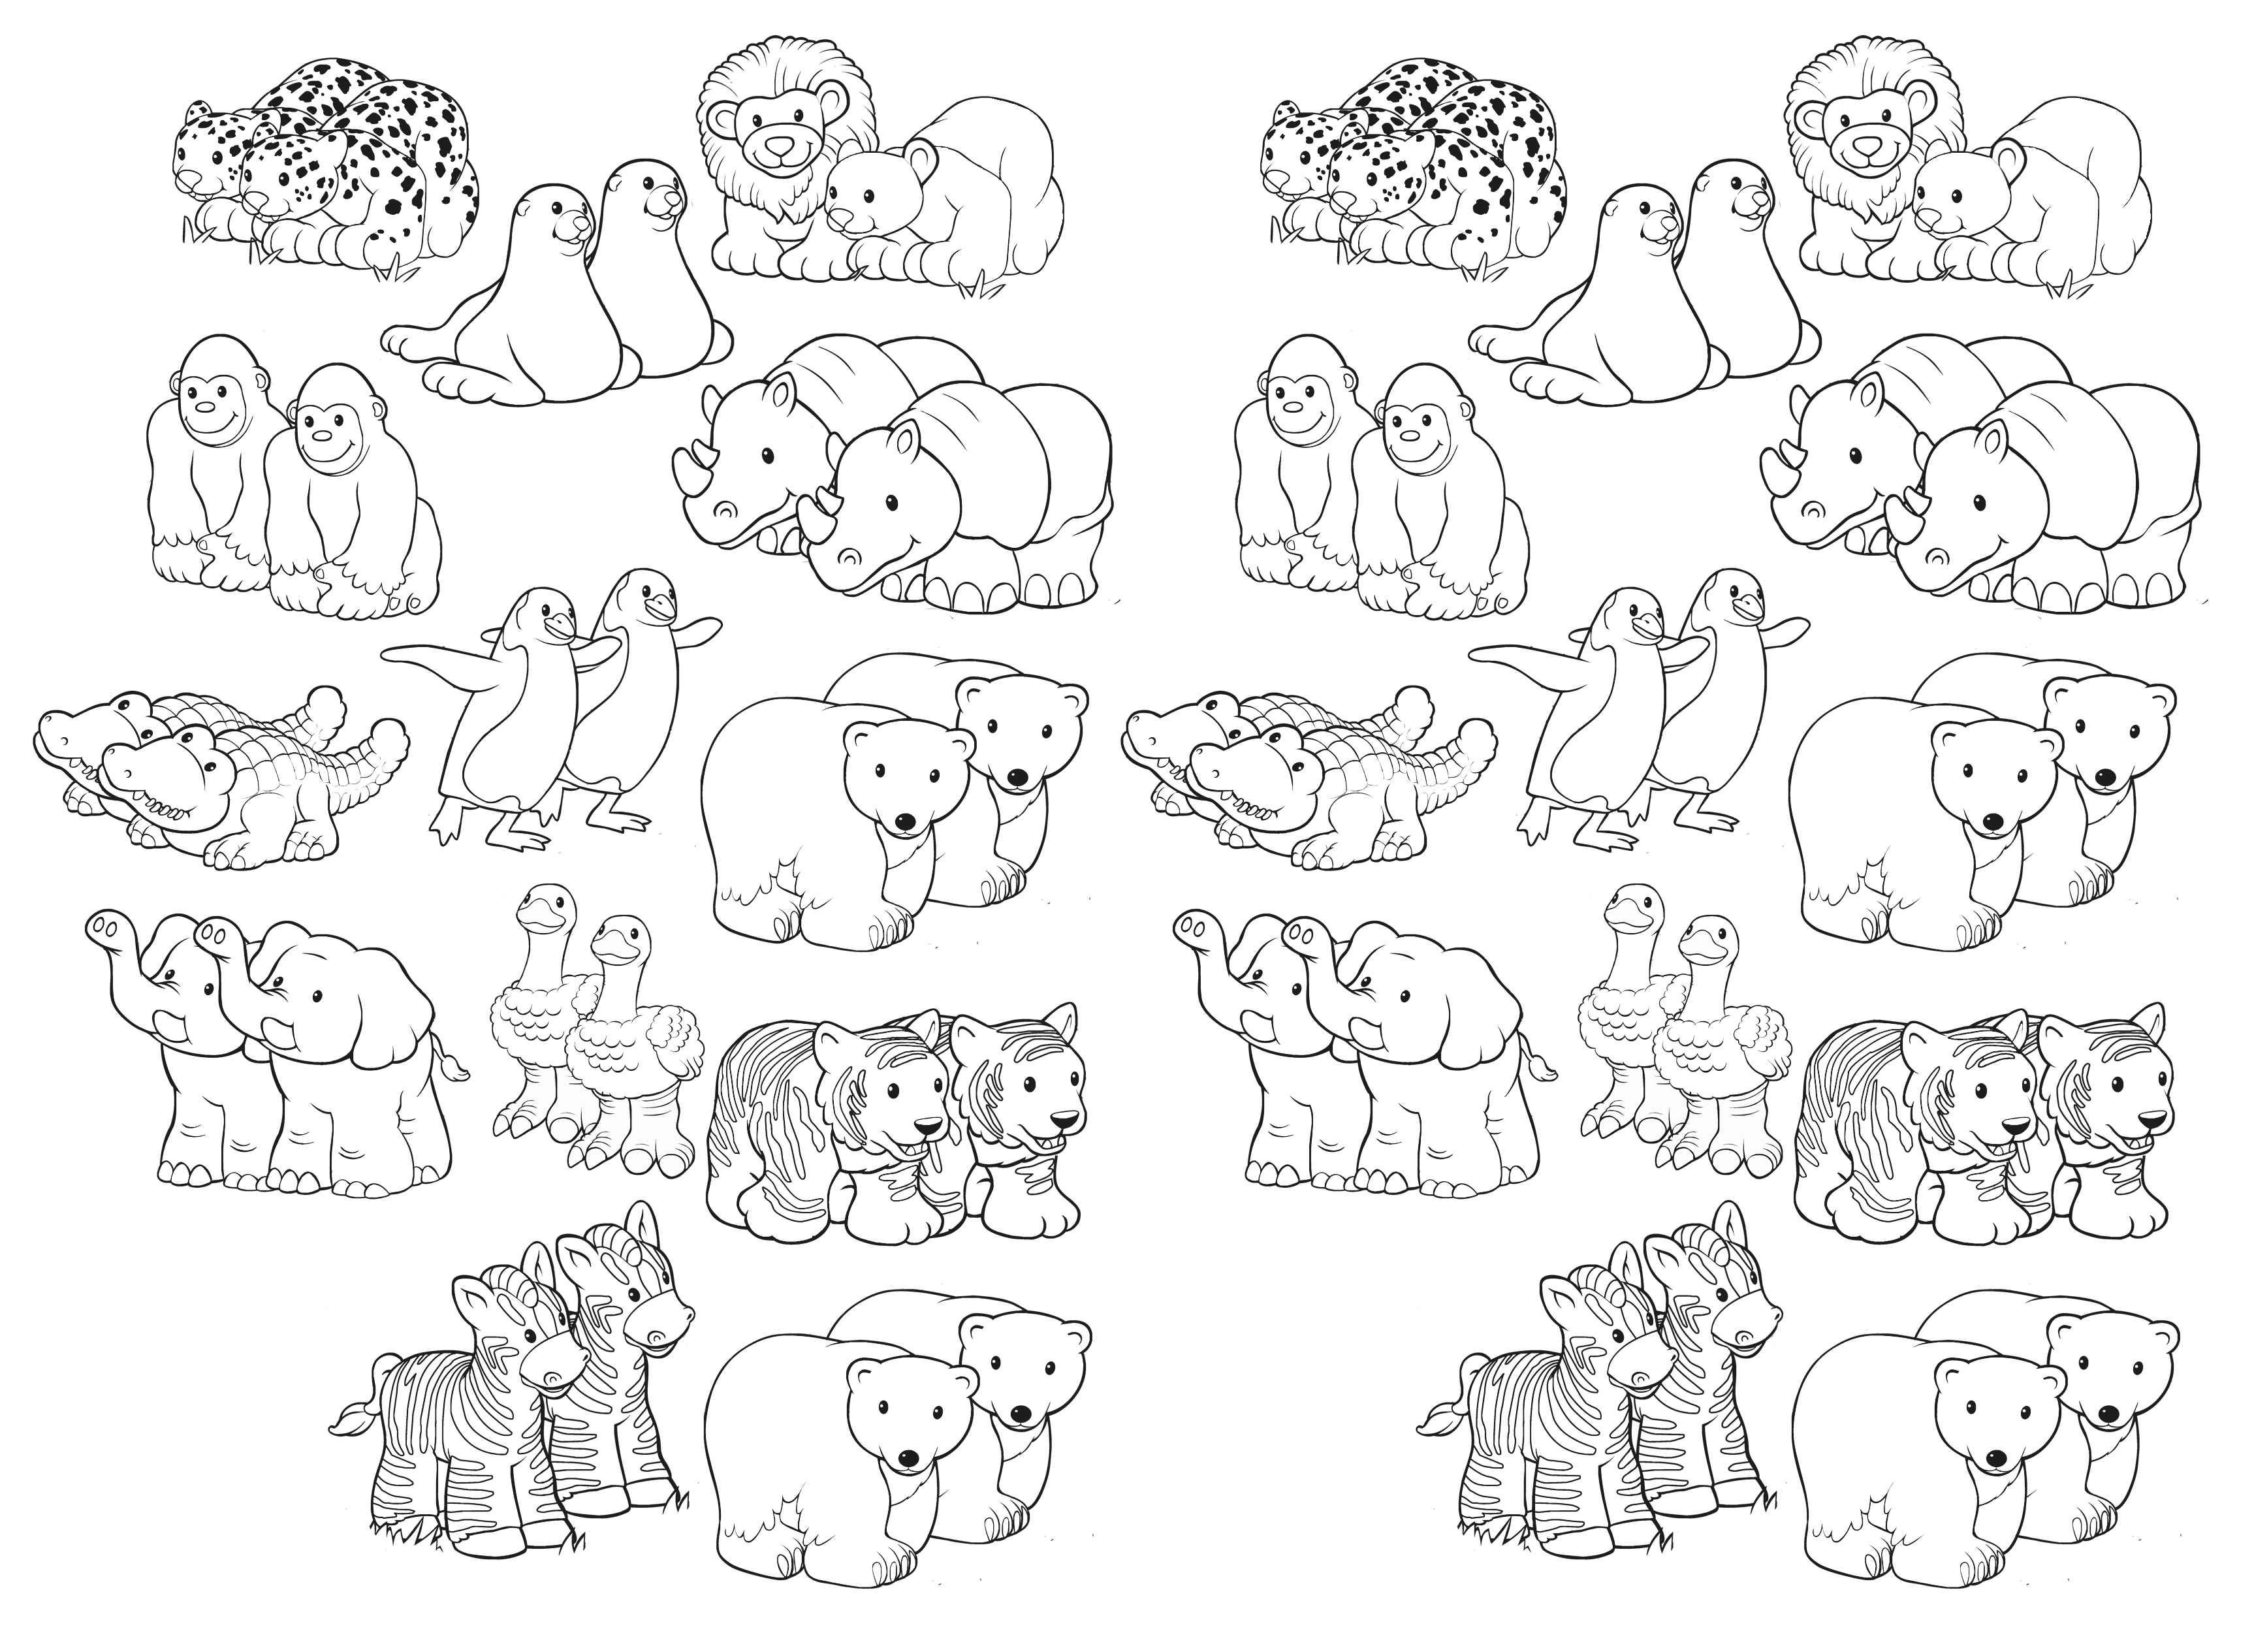 Noahs Animals Coloring Pages Bible Coloring Pages Noahs Ark